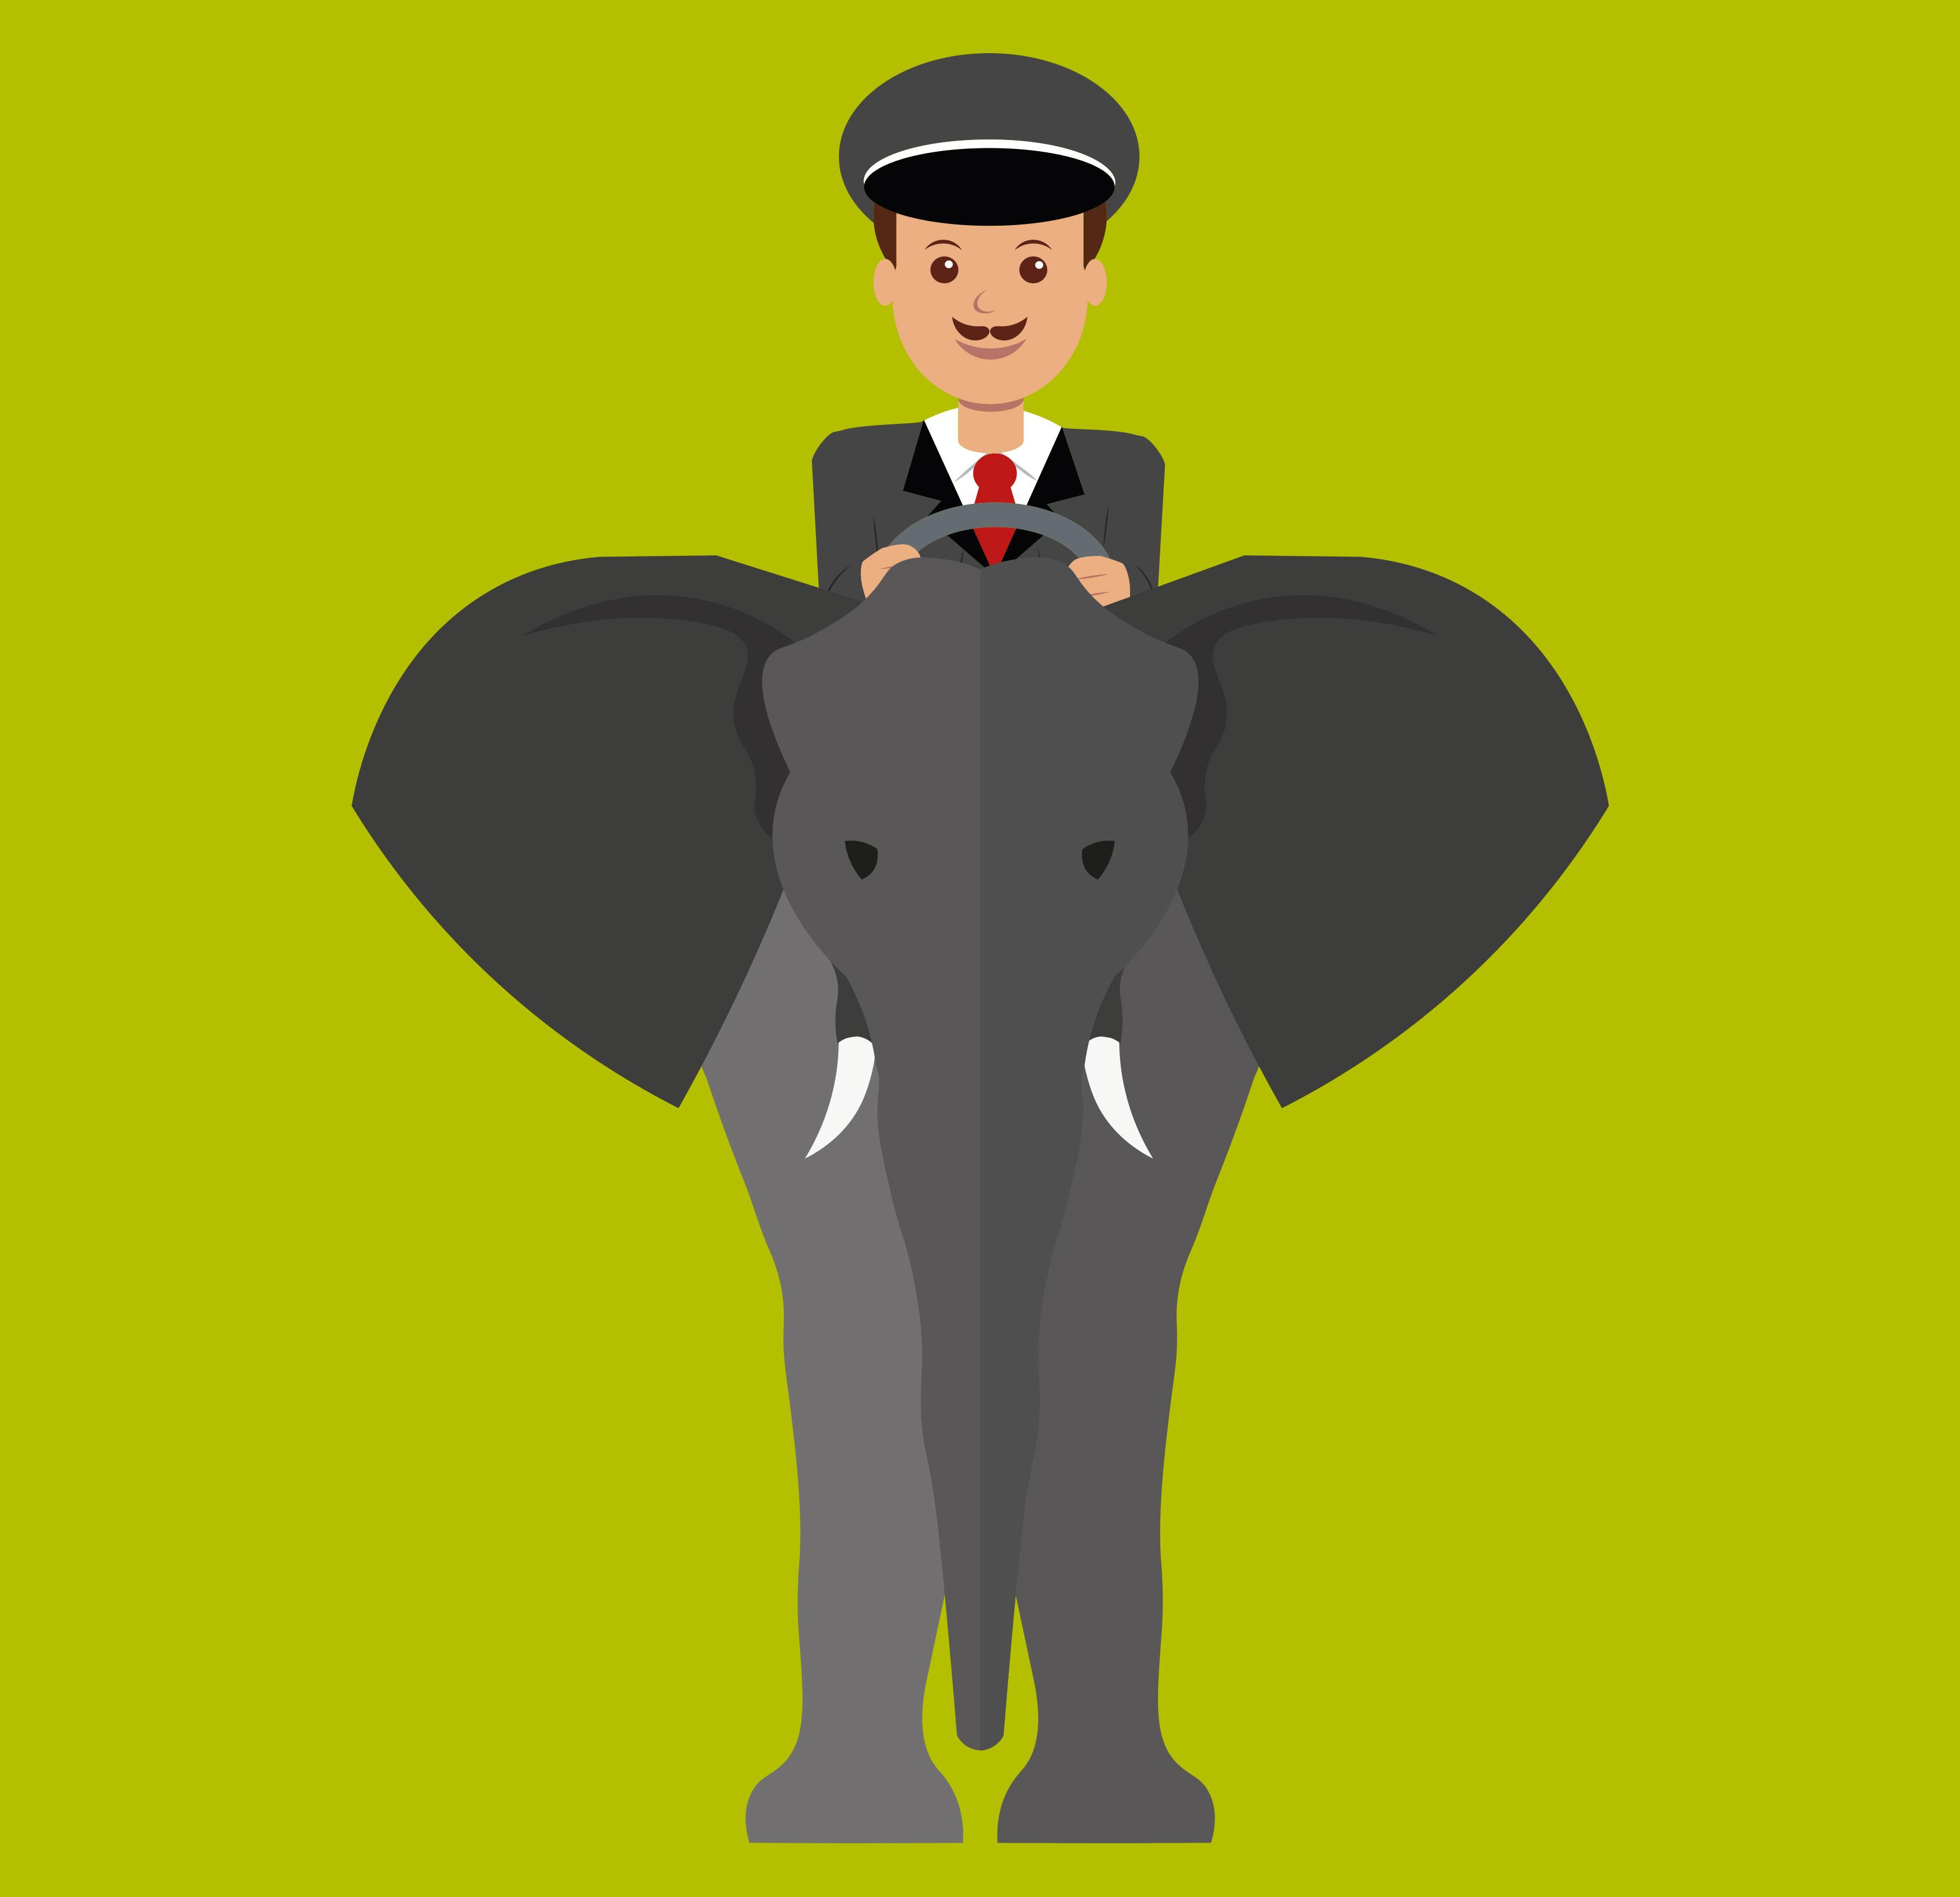 metafora elefante y conductor